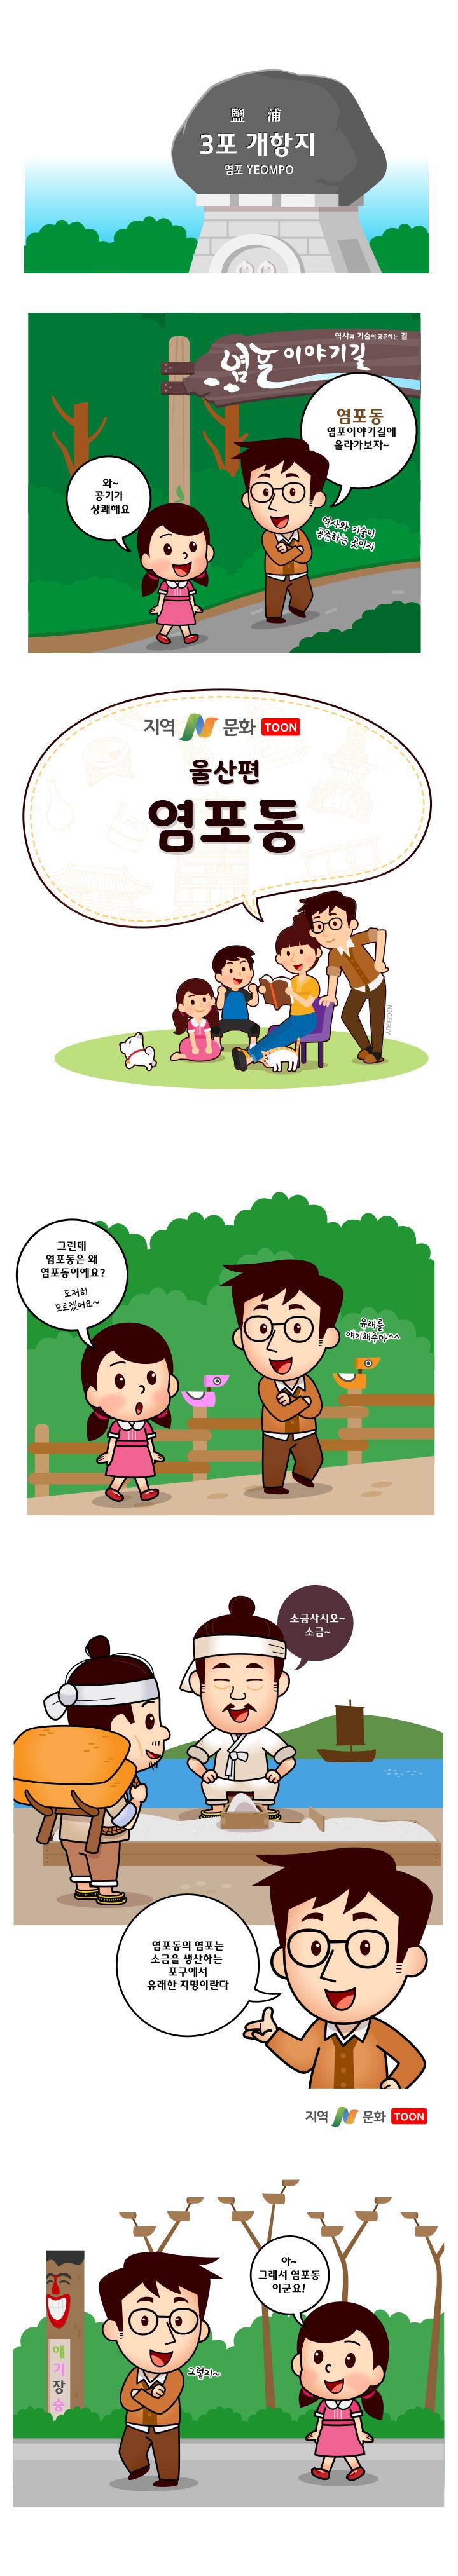 울산광역시 북구 염포동은 소금을 생산하는 포구에서 유래한 지명이다.